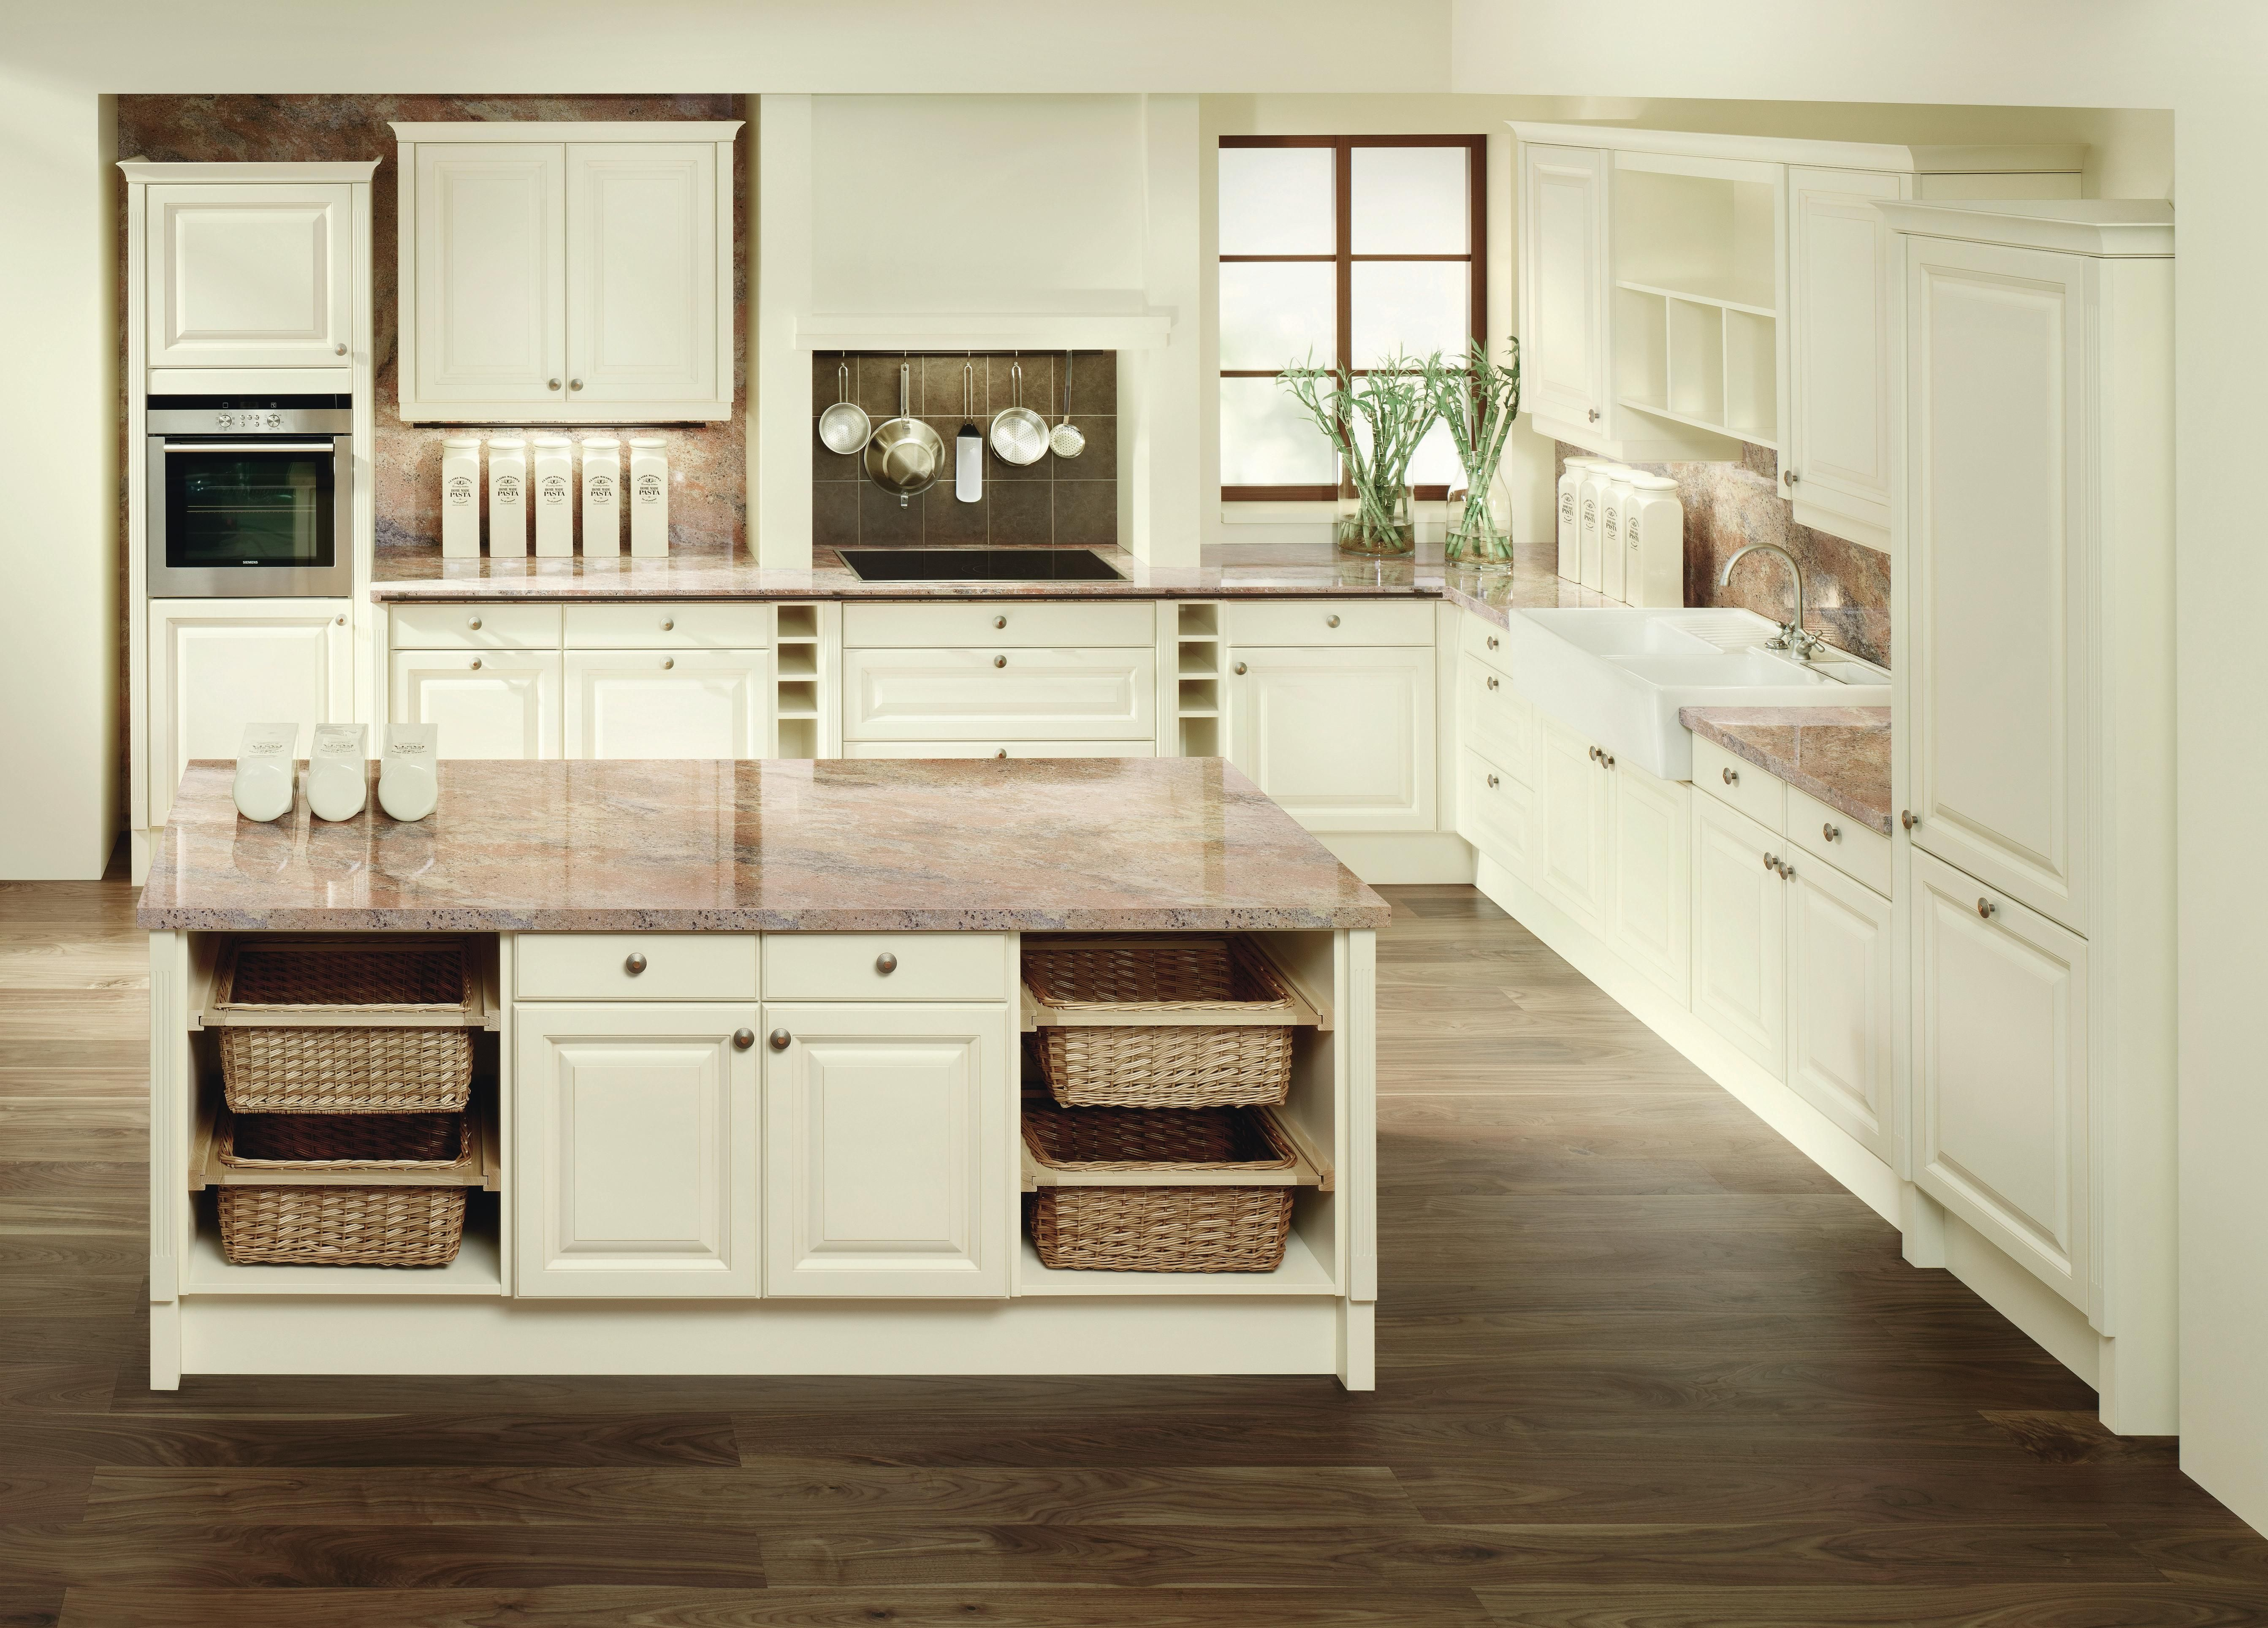 Romantische Küchen romantische einbauküche dan küchen landhaus charme für ihr